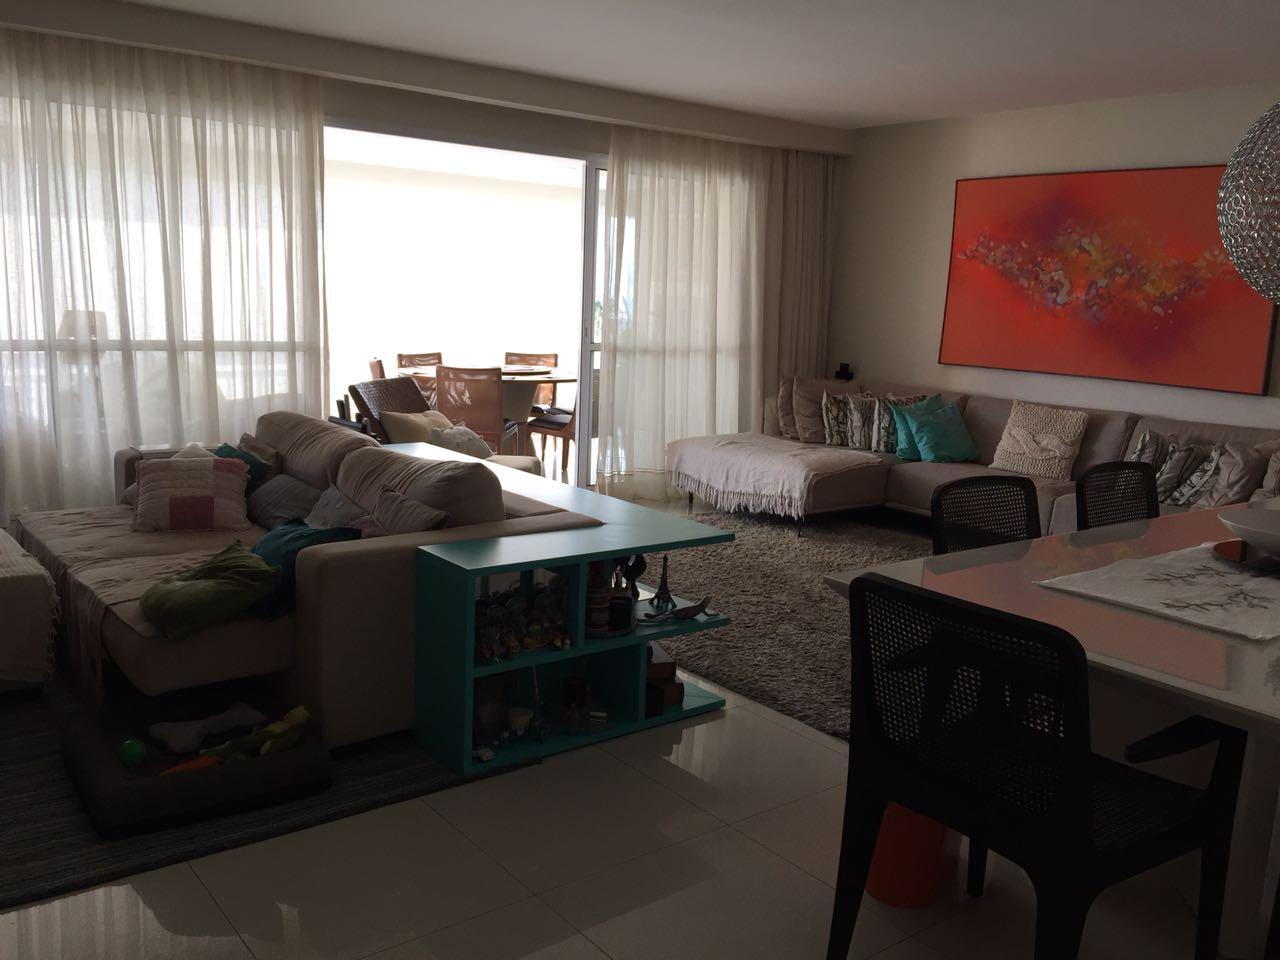 Rua Barra da Tijuca Jacarandás Avenida Flamboyants Península Rio de Janeiro RJ Imóvel Imóveis Corretor Alugar Vender Apartamento